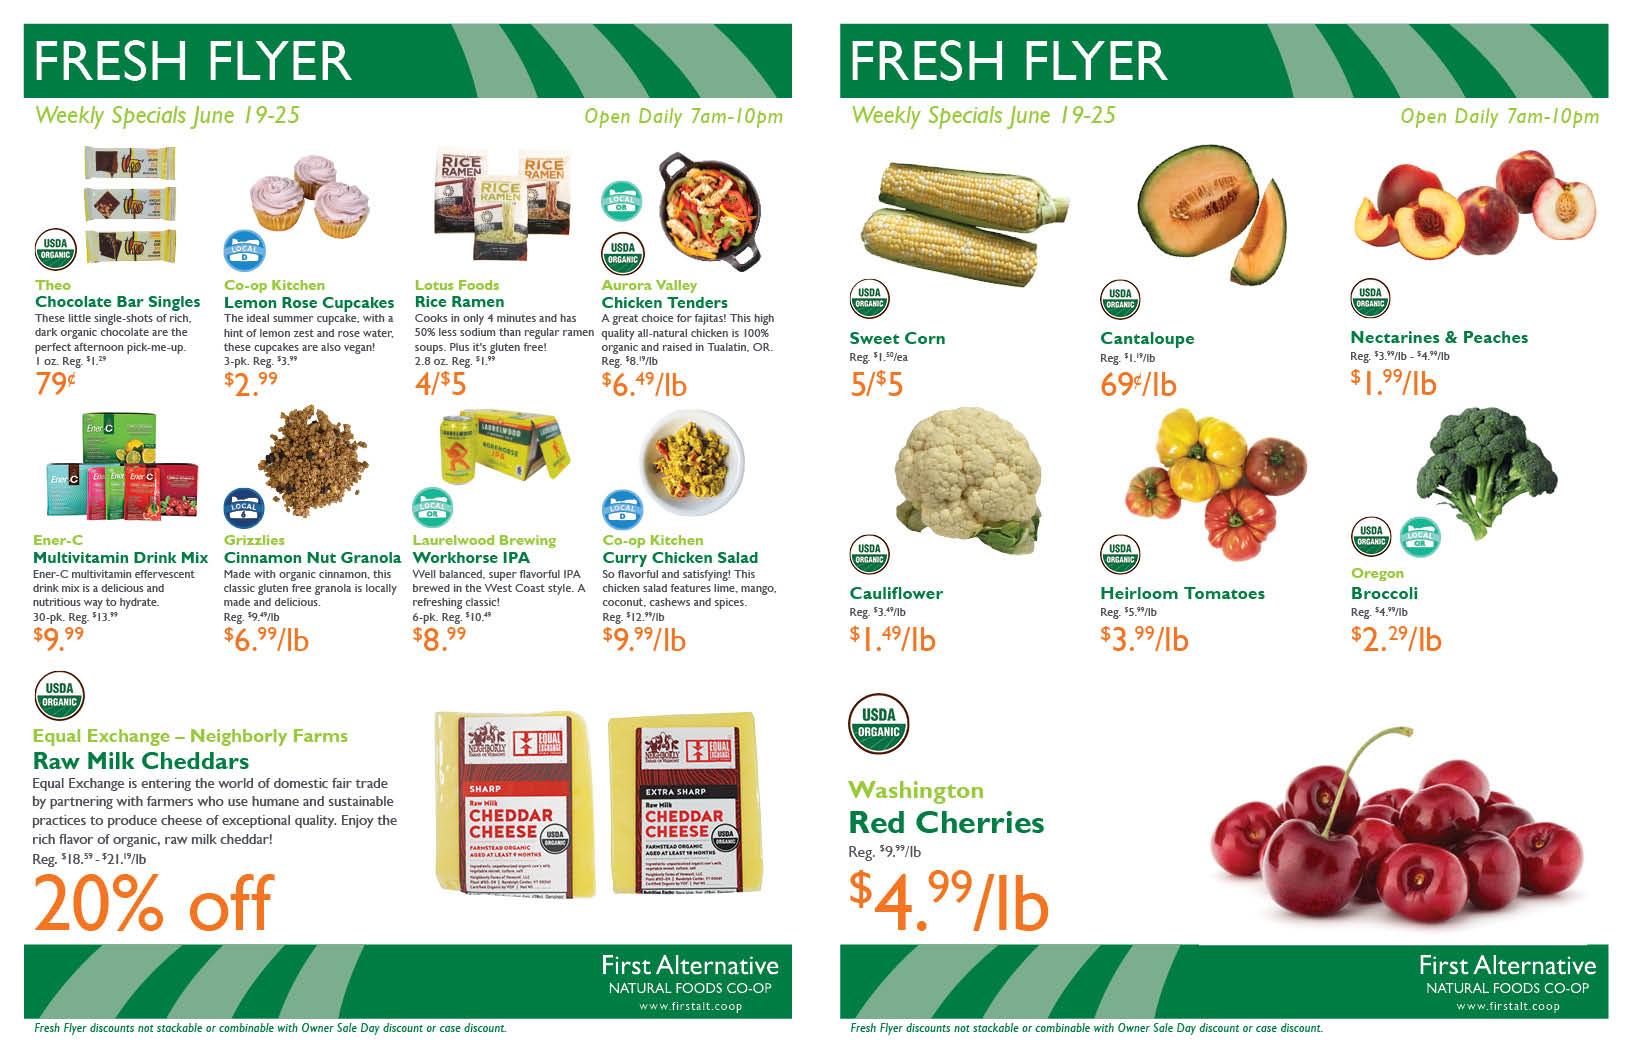 First Alternative Co-op Fresh Flyer June 19-25